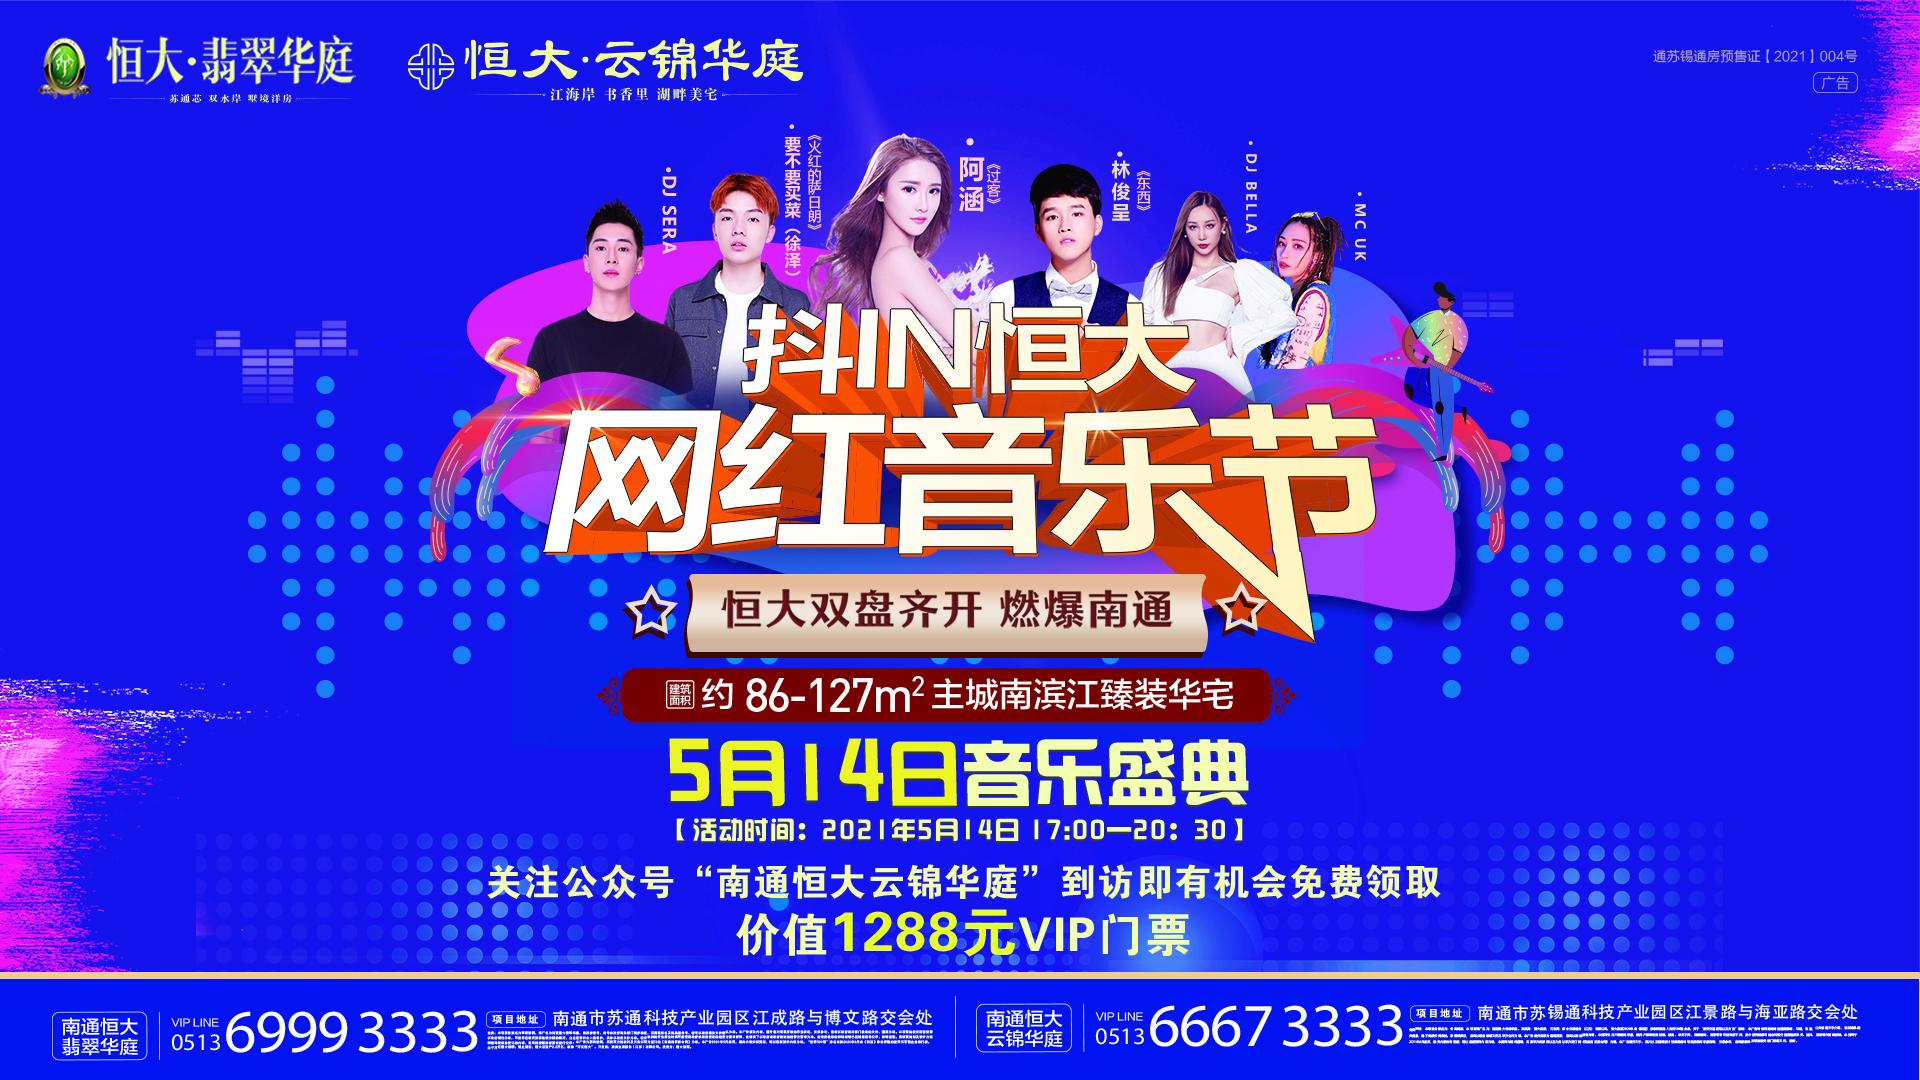 抖in恒大网红音乐节